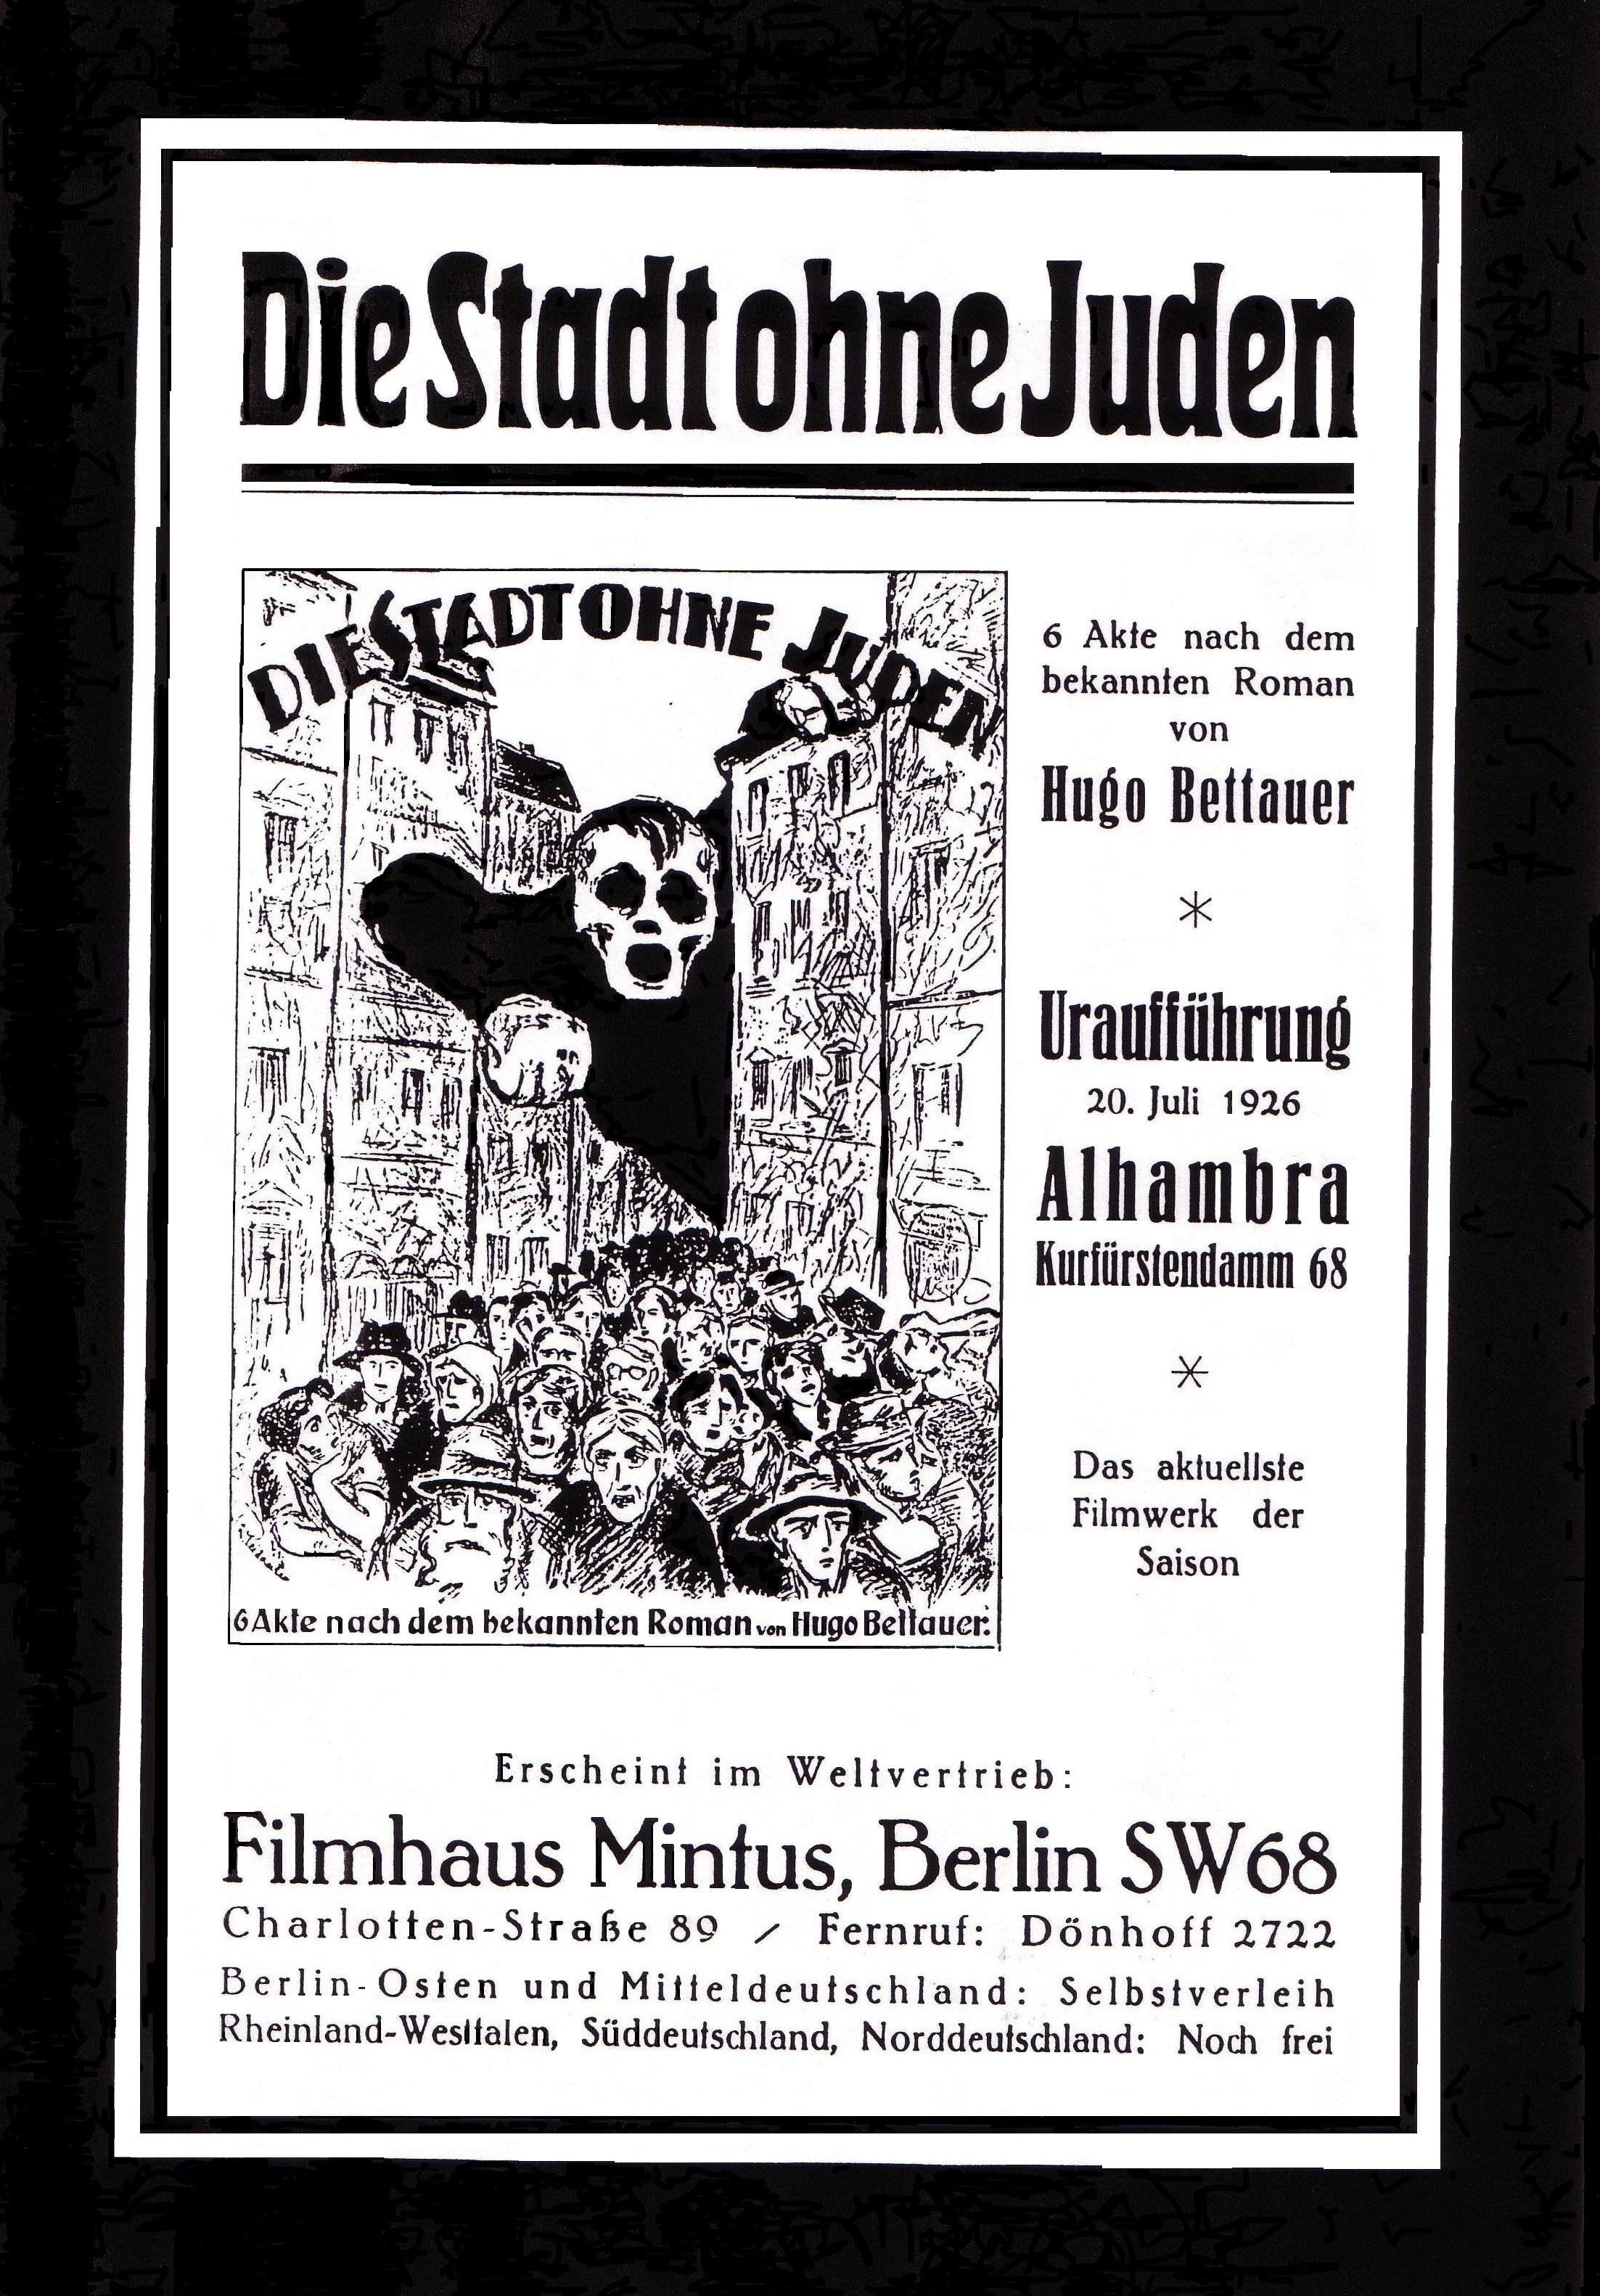 Plakat für die Uraufführung der Verfilmung von Bettauers 'Die Stadt ohne Juden' in Berlin